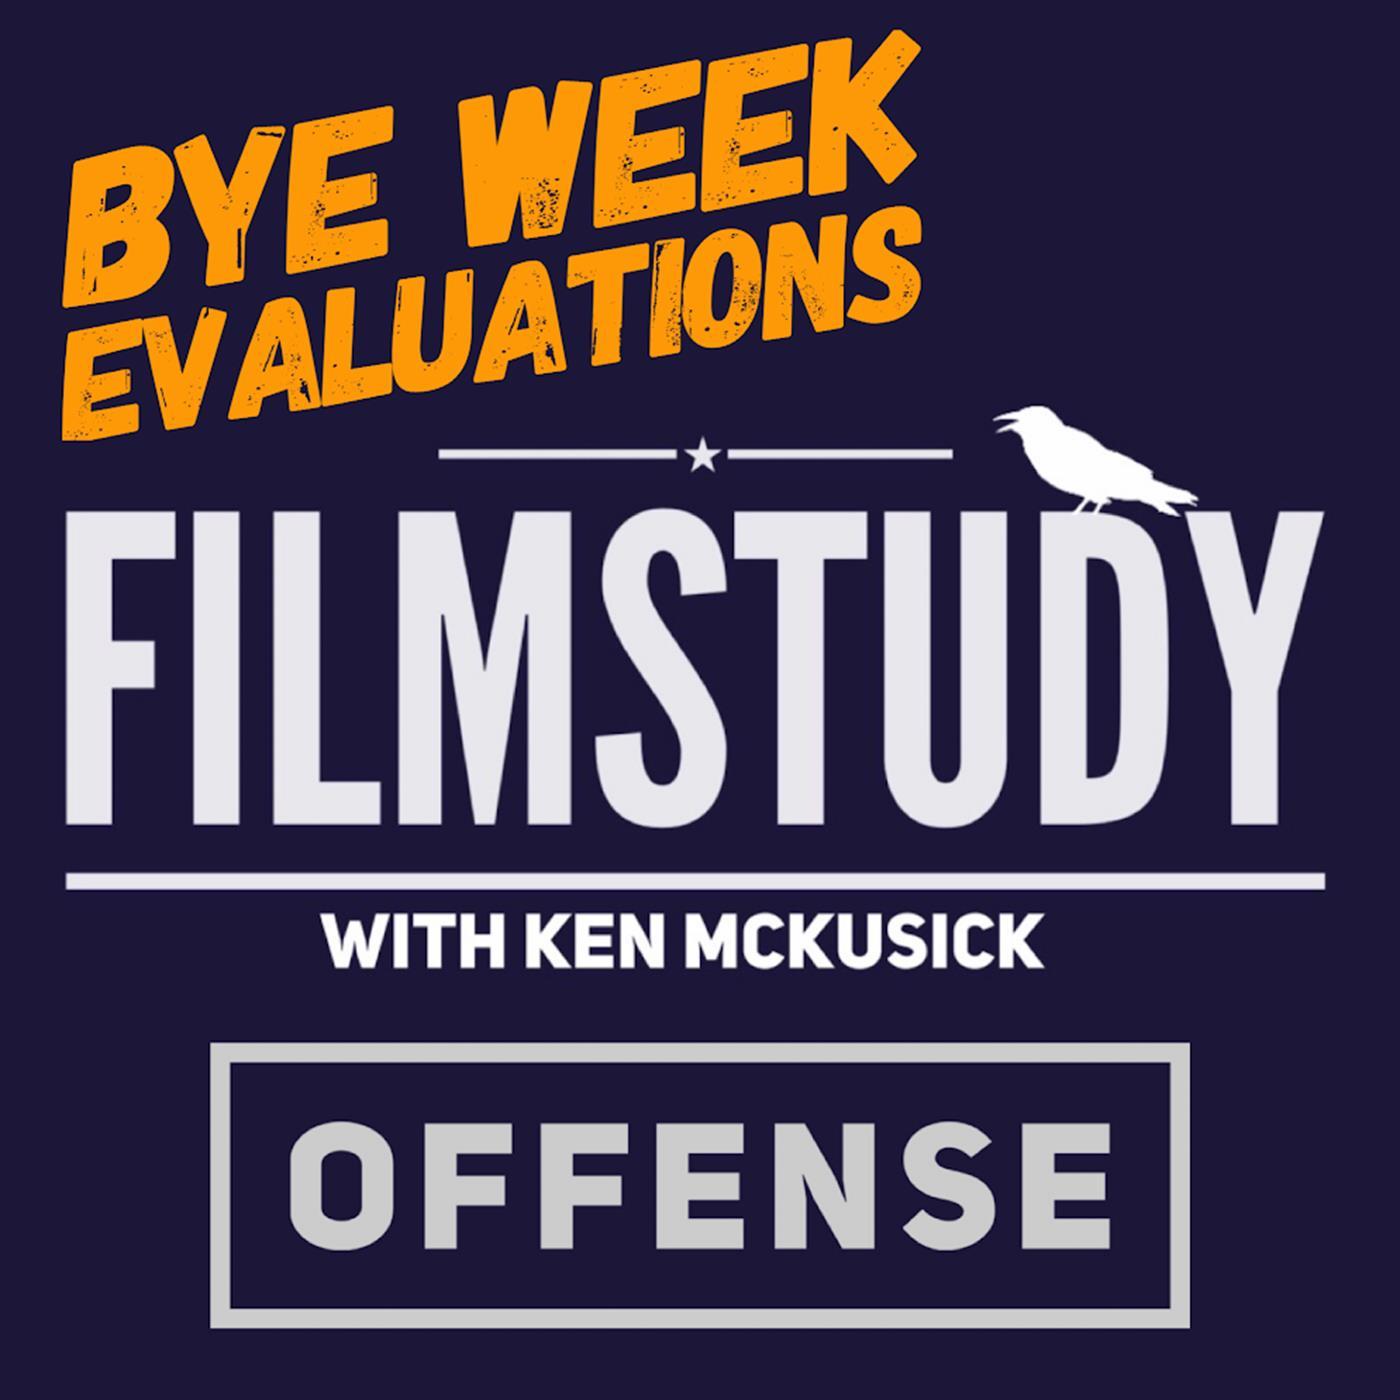 Bye Week Evaluations : OFFENSE